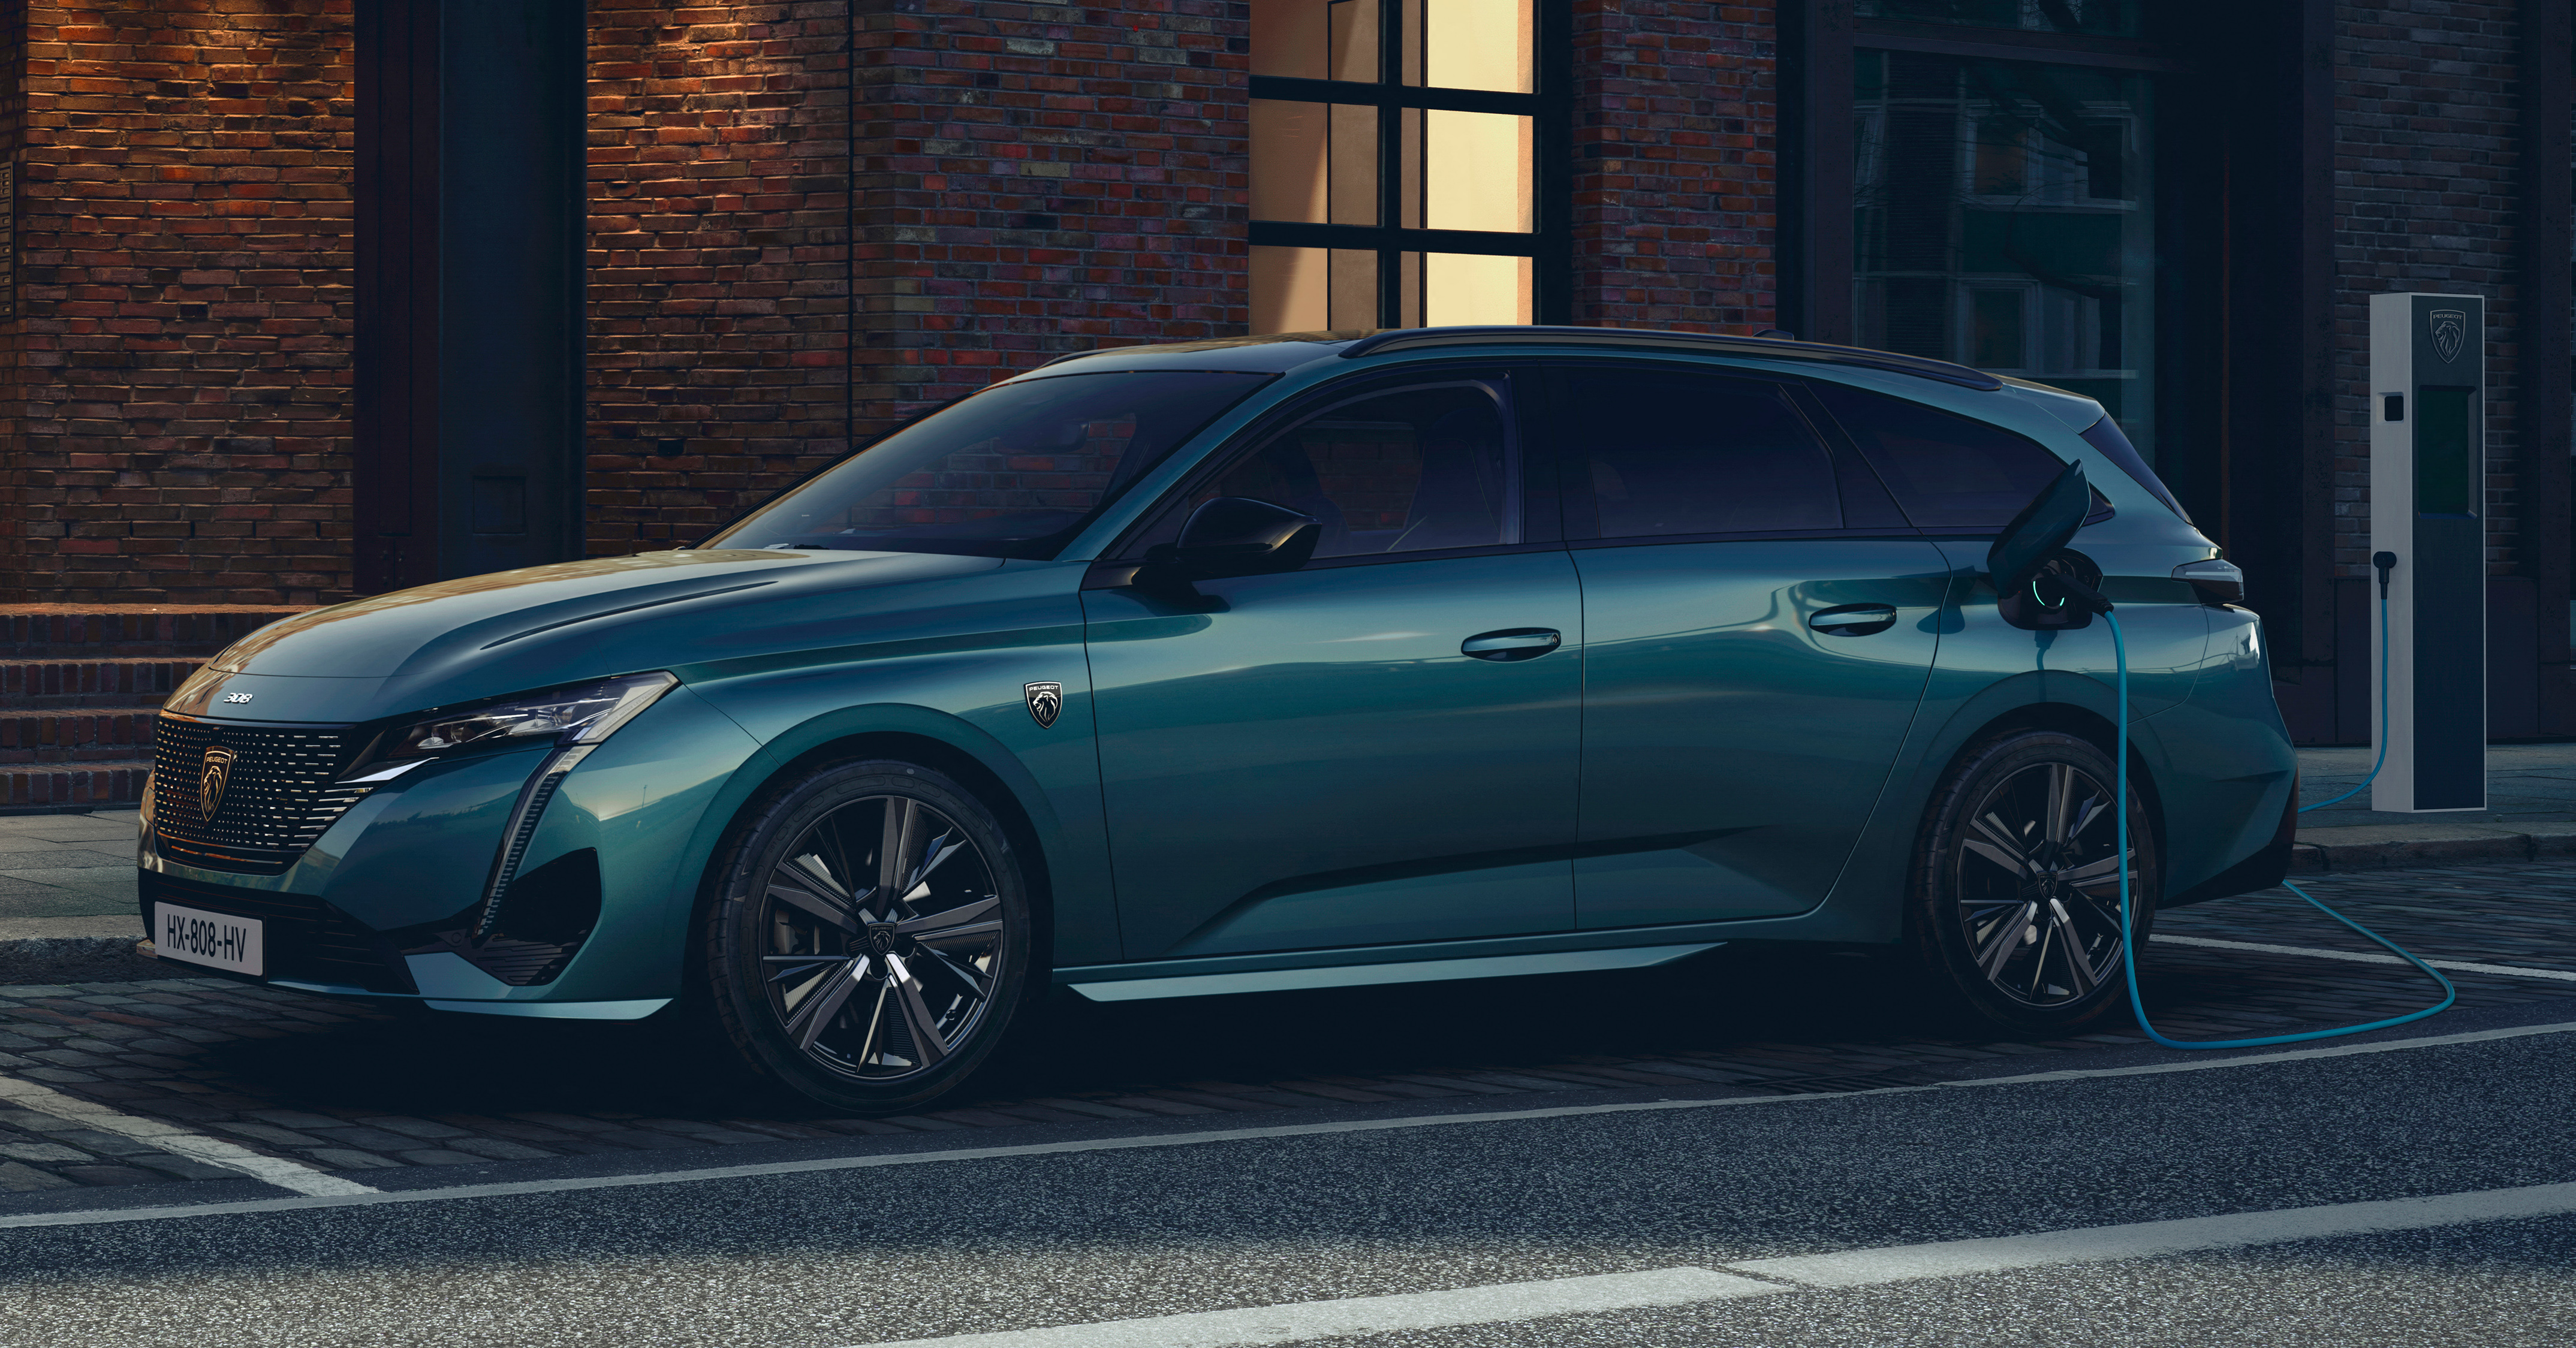 Peugeot 308 SW 2022 ra mắt: Trục cơ sở dài hơn, khoang hành lý 608 lít - Ảnh 1